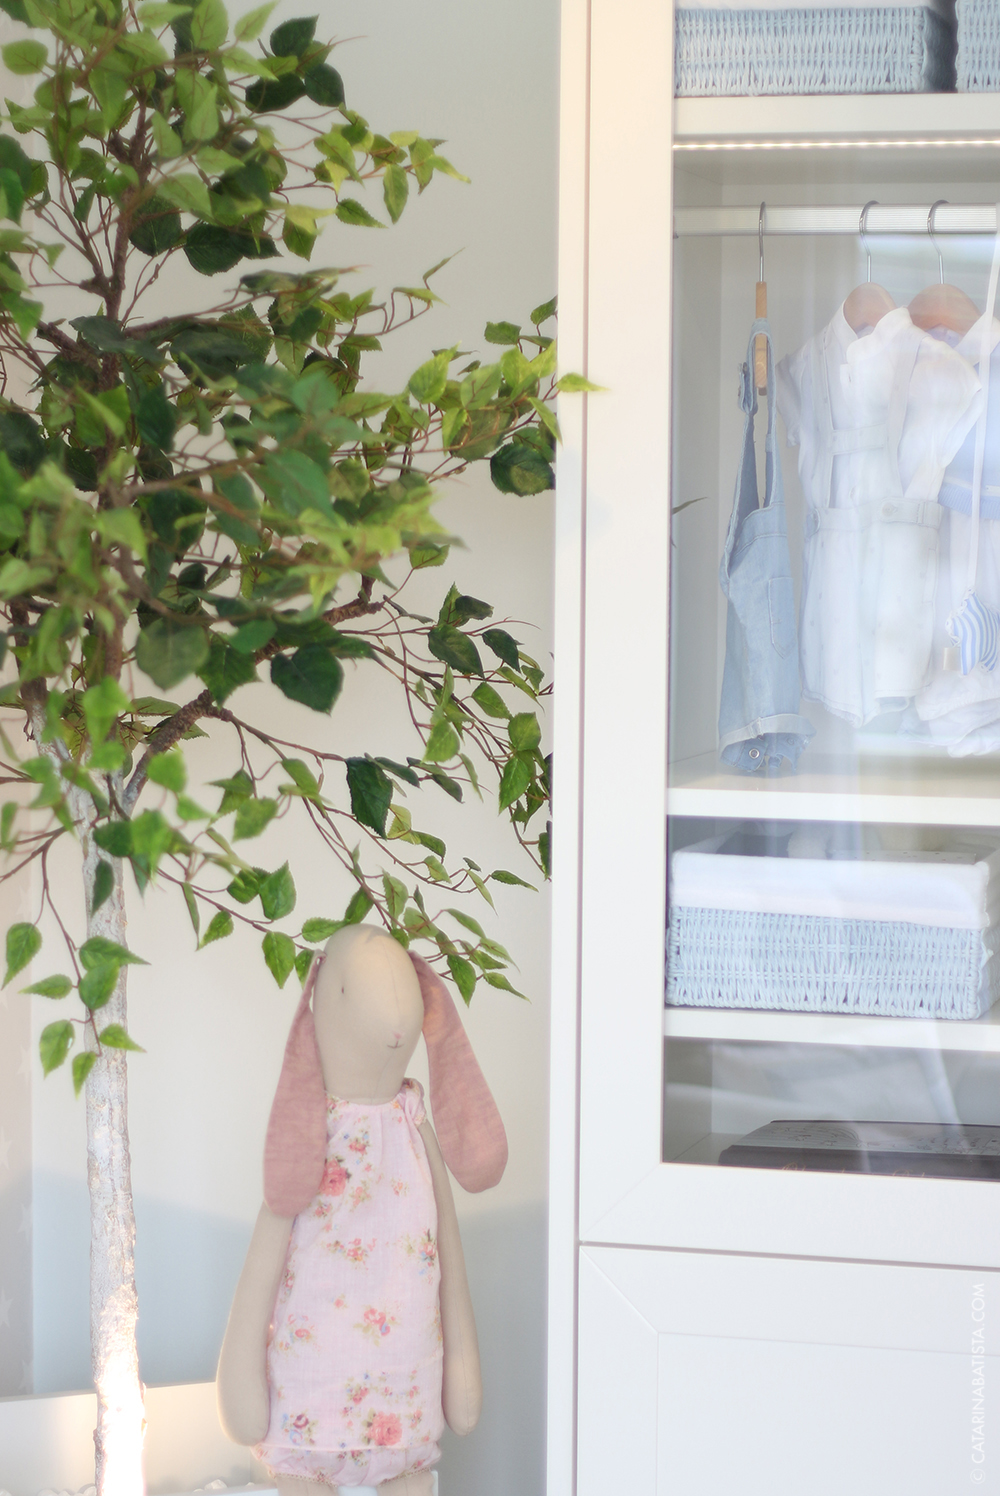 18-catarina-batista-arquitectura-design-interior-decoracao--nursery-quarto-bedroom-babyroom-bebé-baby-boy.jpg